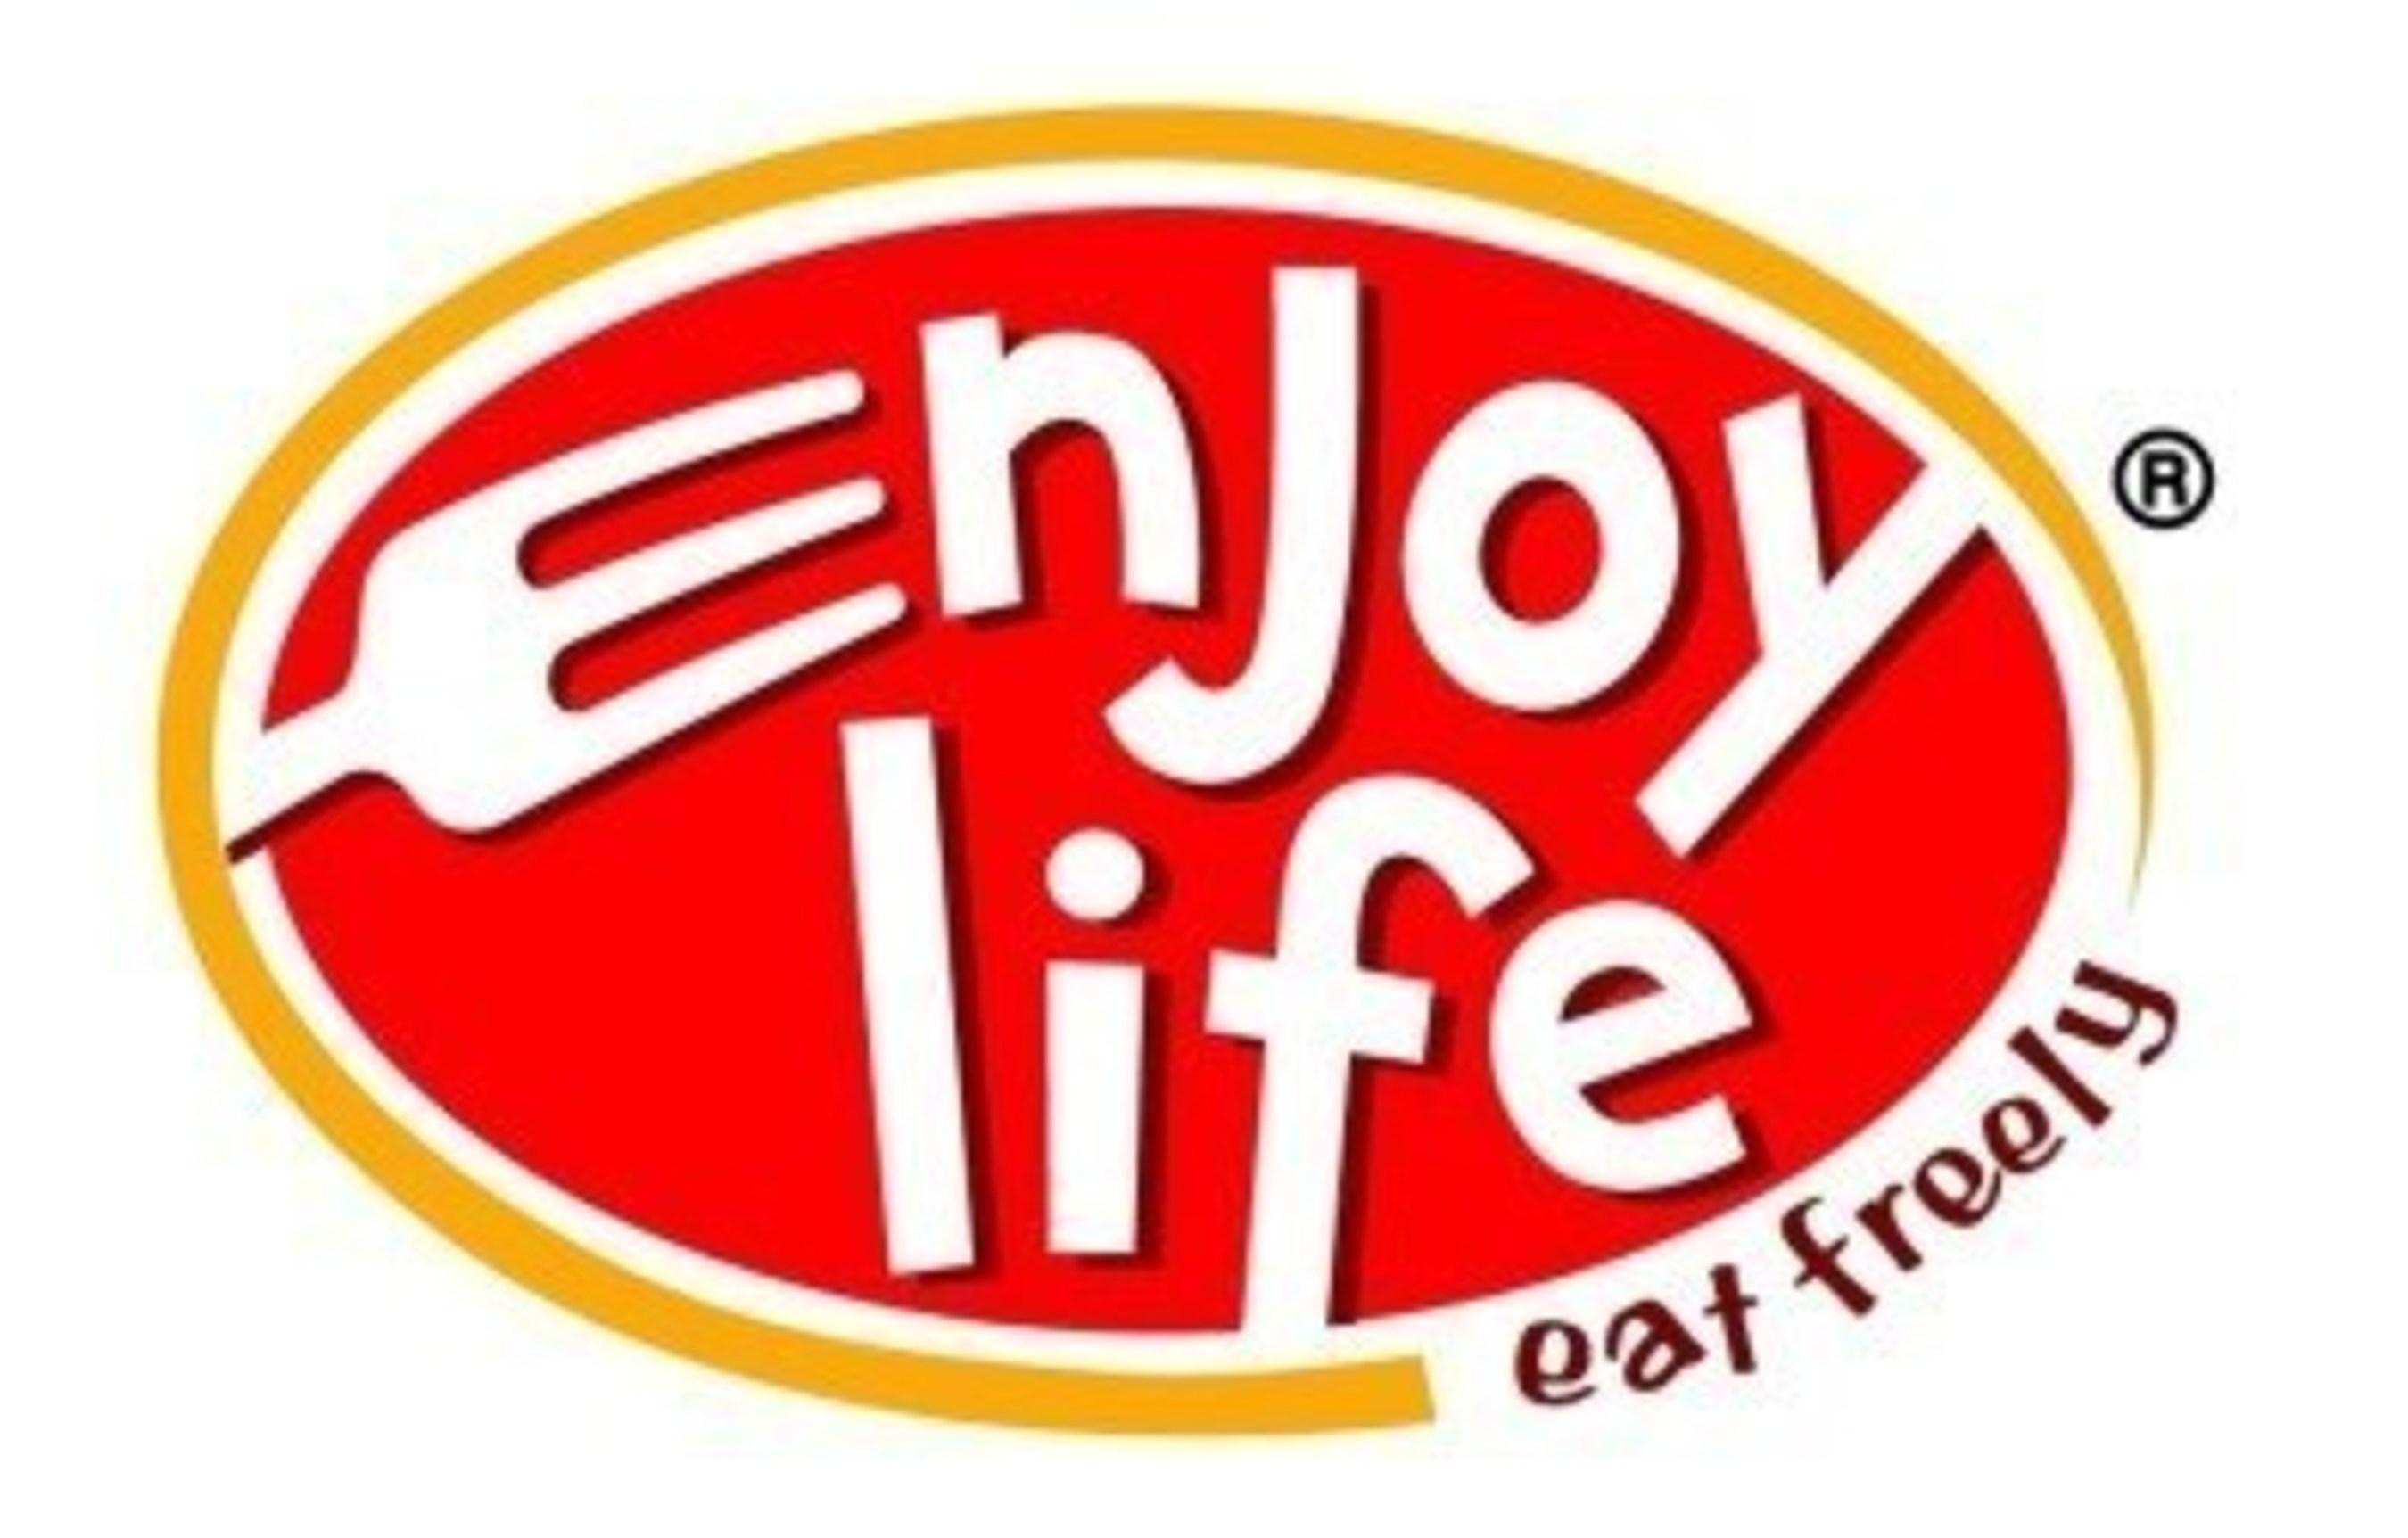 Enjoy Life Foods logo.